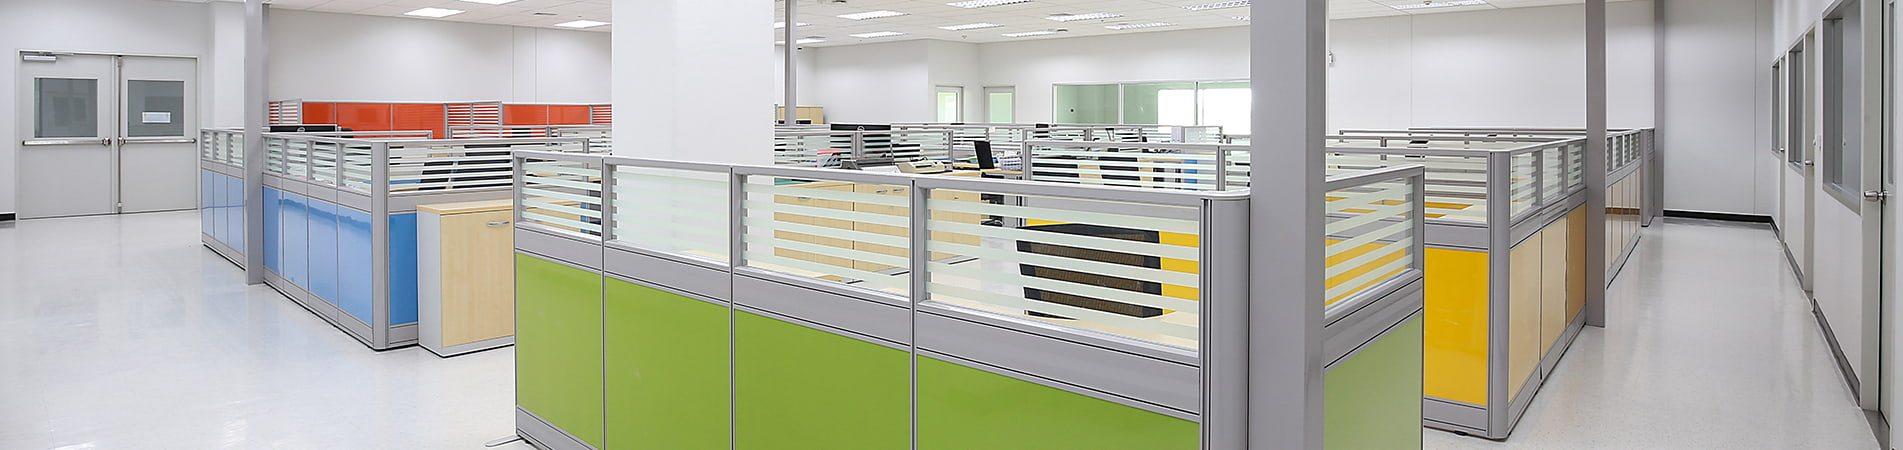 Офисные перегородки в слайдер